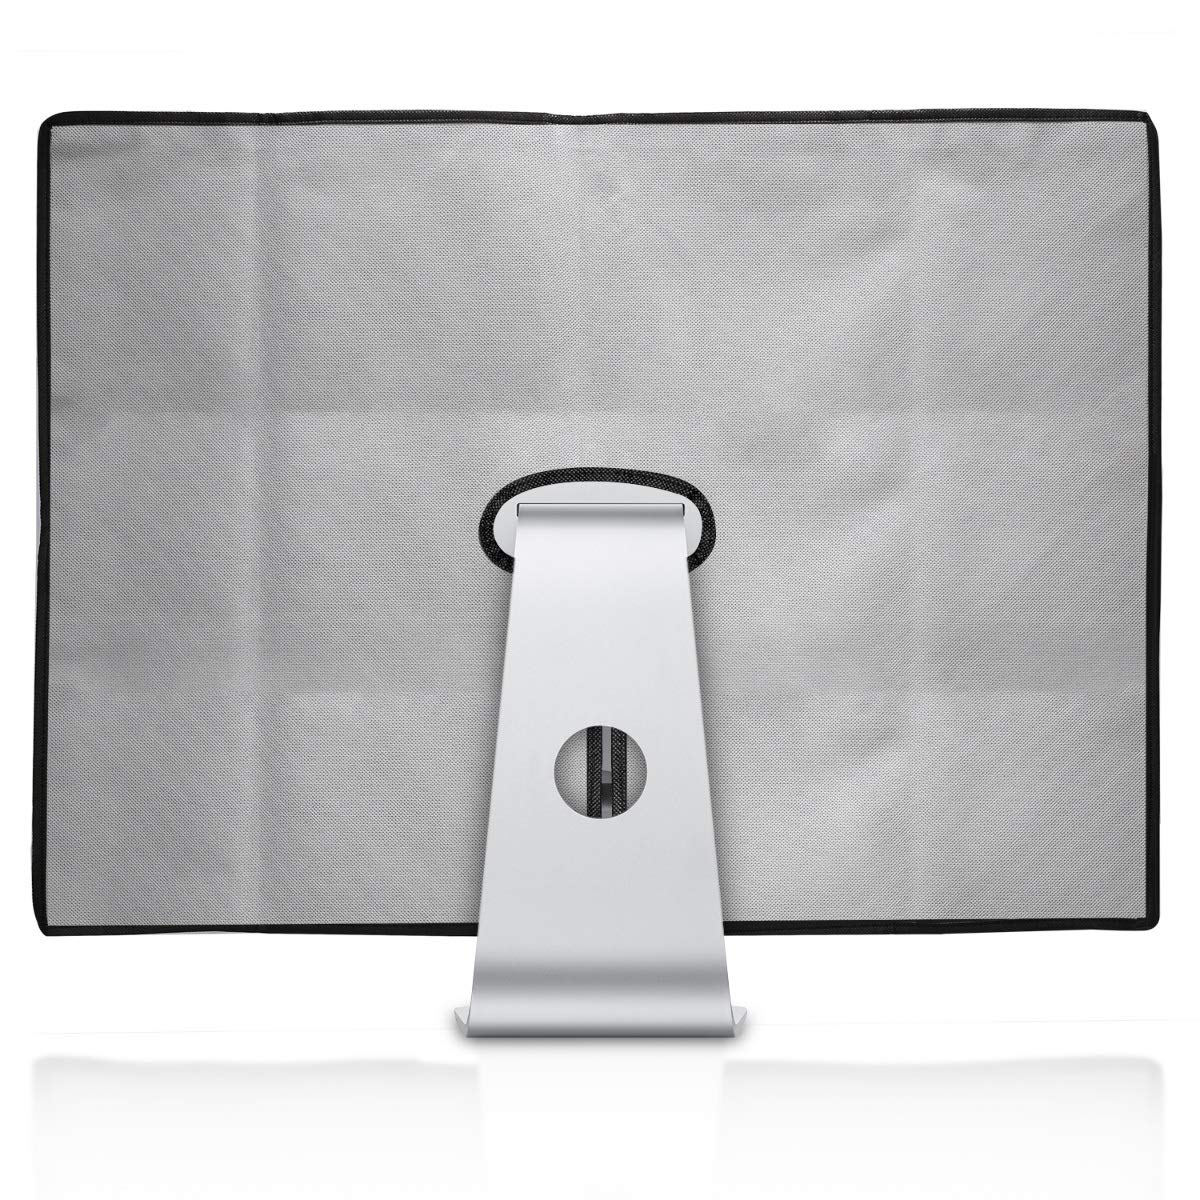 iMac PRO 27 Cover Custodia Protettiva per Apple iMac 27 iMac PRO 27 Protezione per Monitor PC Antipolvere per Schermo Computer kwmobile Apple iMac 27